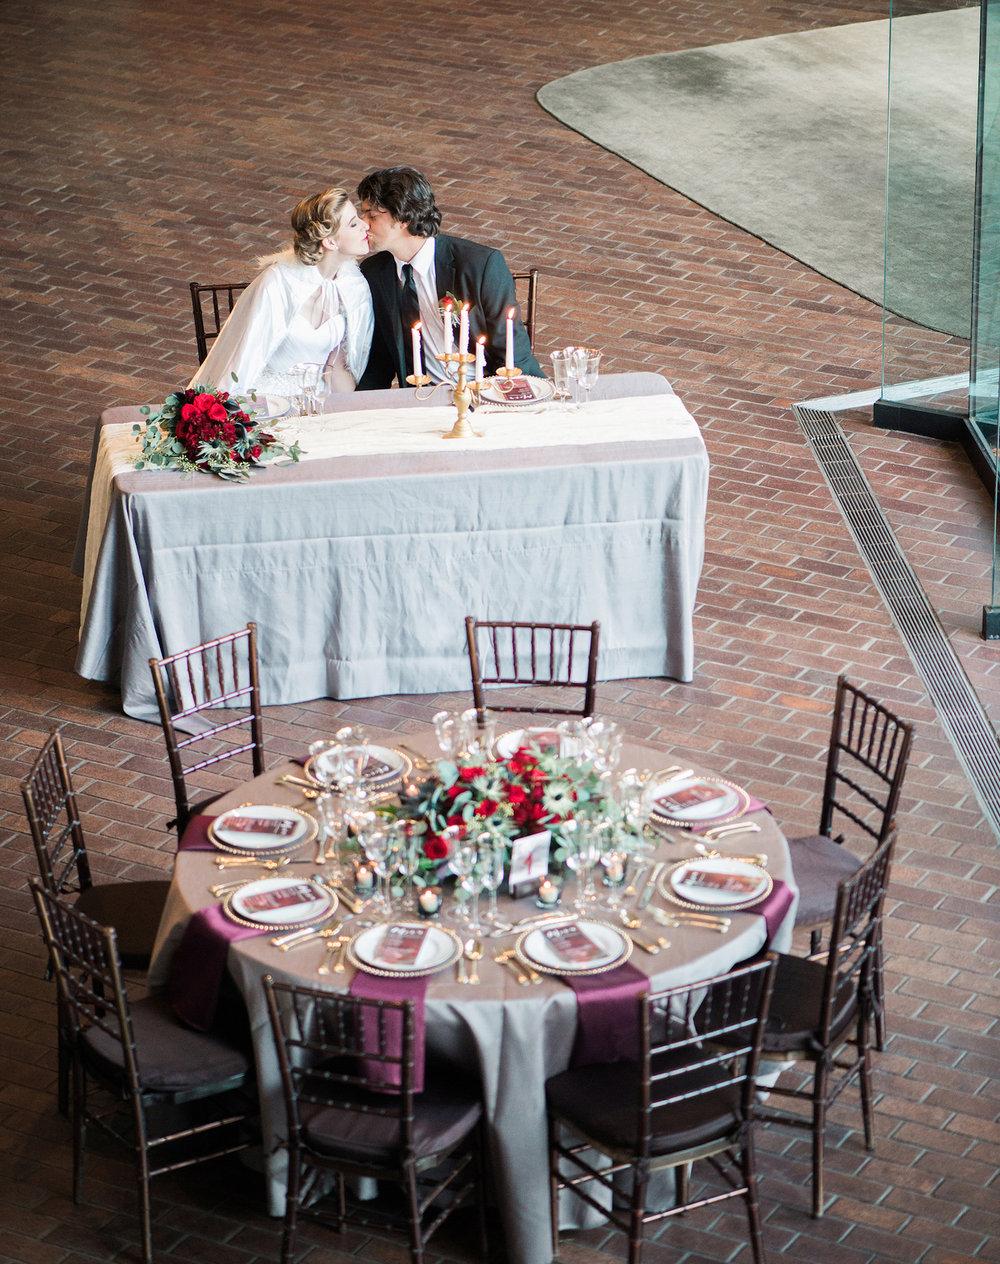 romantic-vintage-wedding-urban-venue-reception-room.jpg